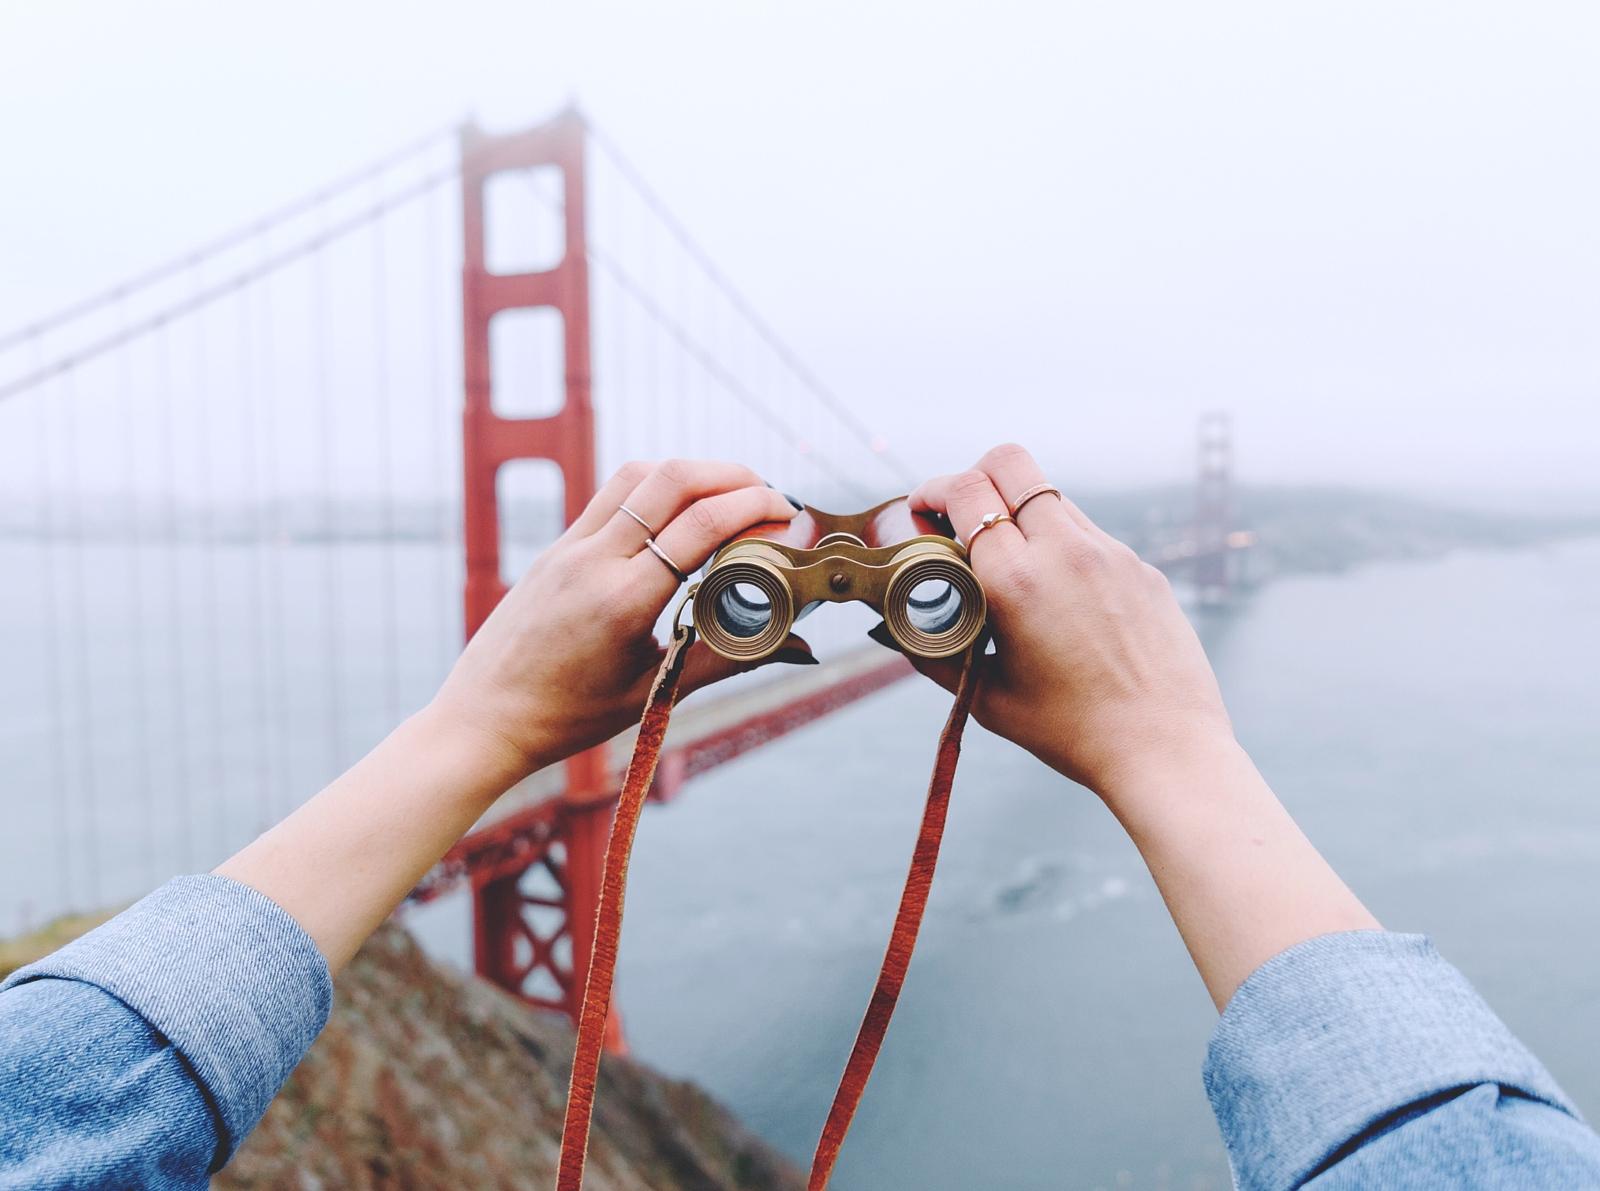 Фото: iso.500px.com